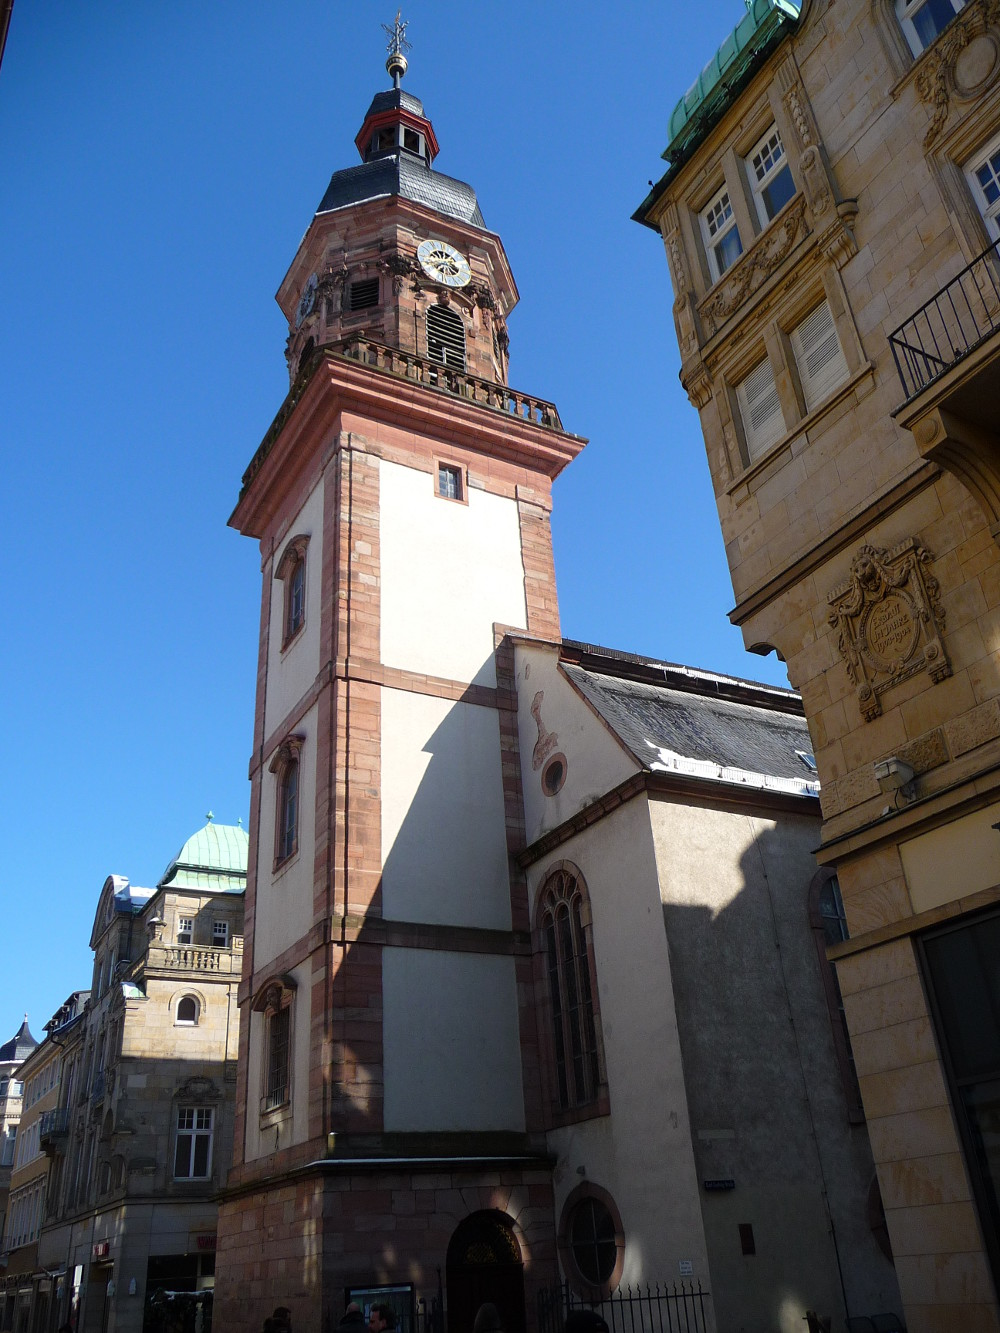 Turm_Providenzkirche_HD_kl